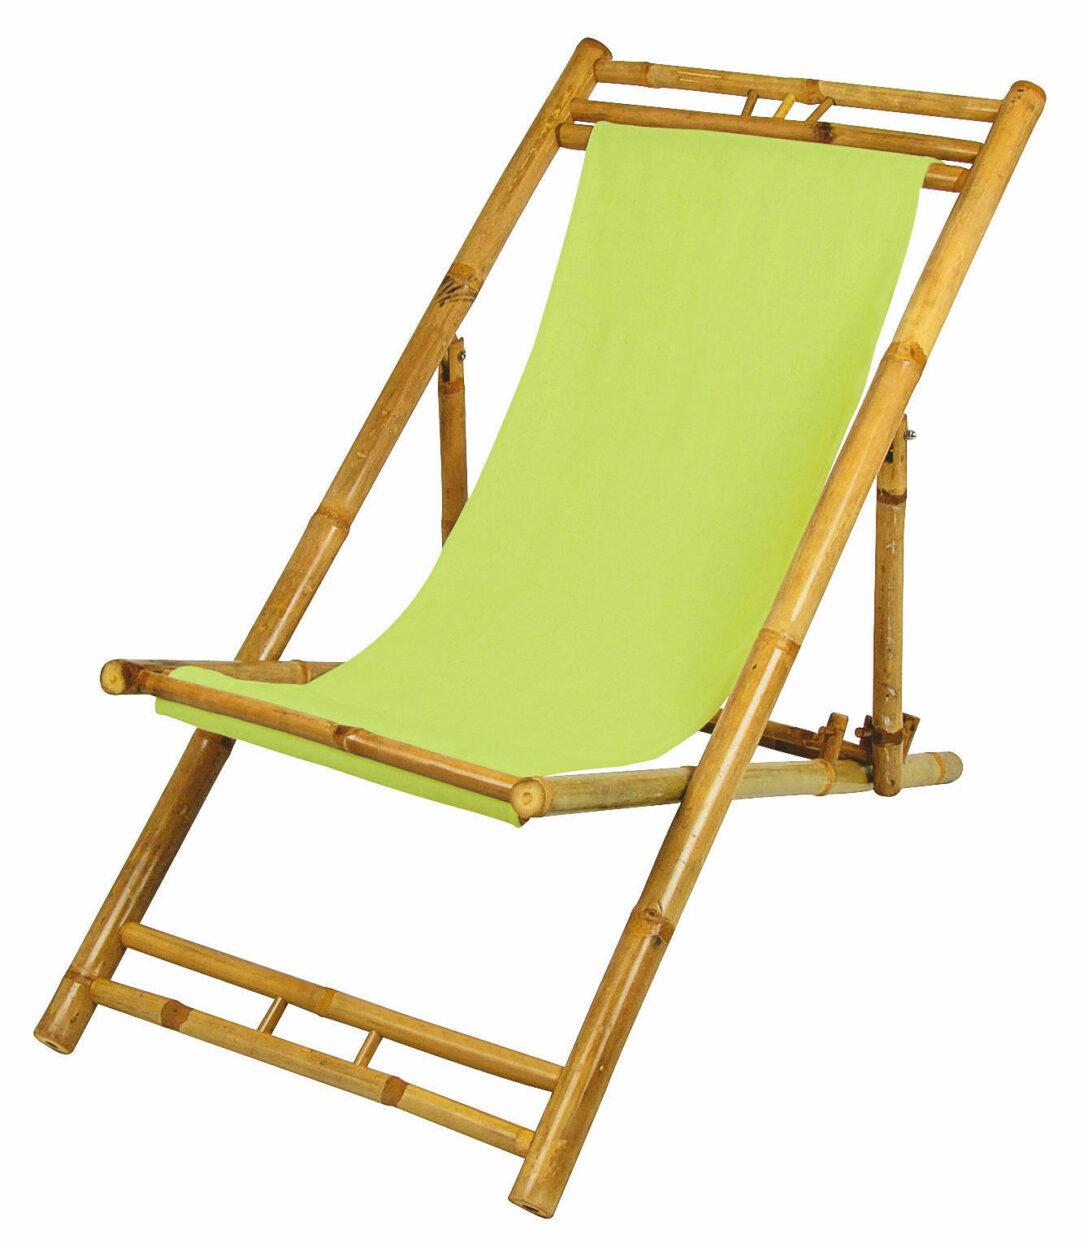 Large Size of Liegestuhl Klappbar Holz Ikea Sommarvind Strandstuhl In Grn Gartenstuhl Gnstig Kaufen Ebay Küche Kosten Miniküche Garten Ausklappbares Bett Modulküche Wohnzimmer Liegestuhl Klappbar Ikea